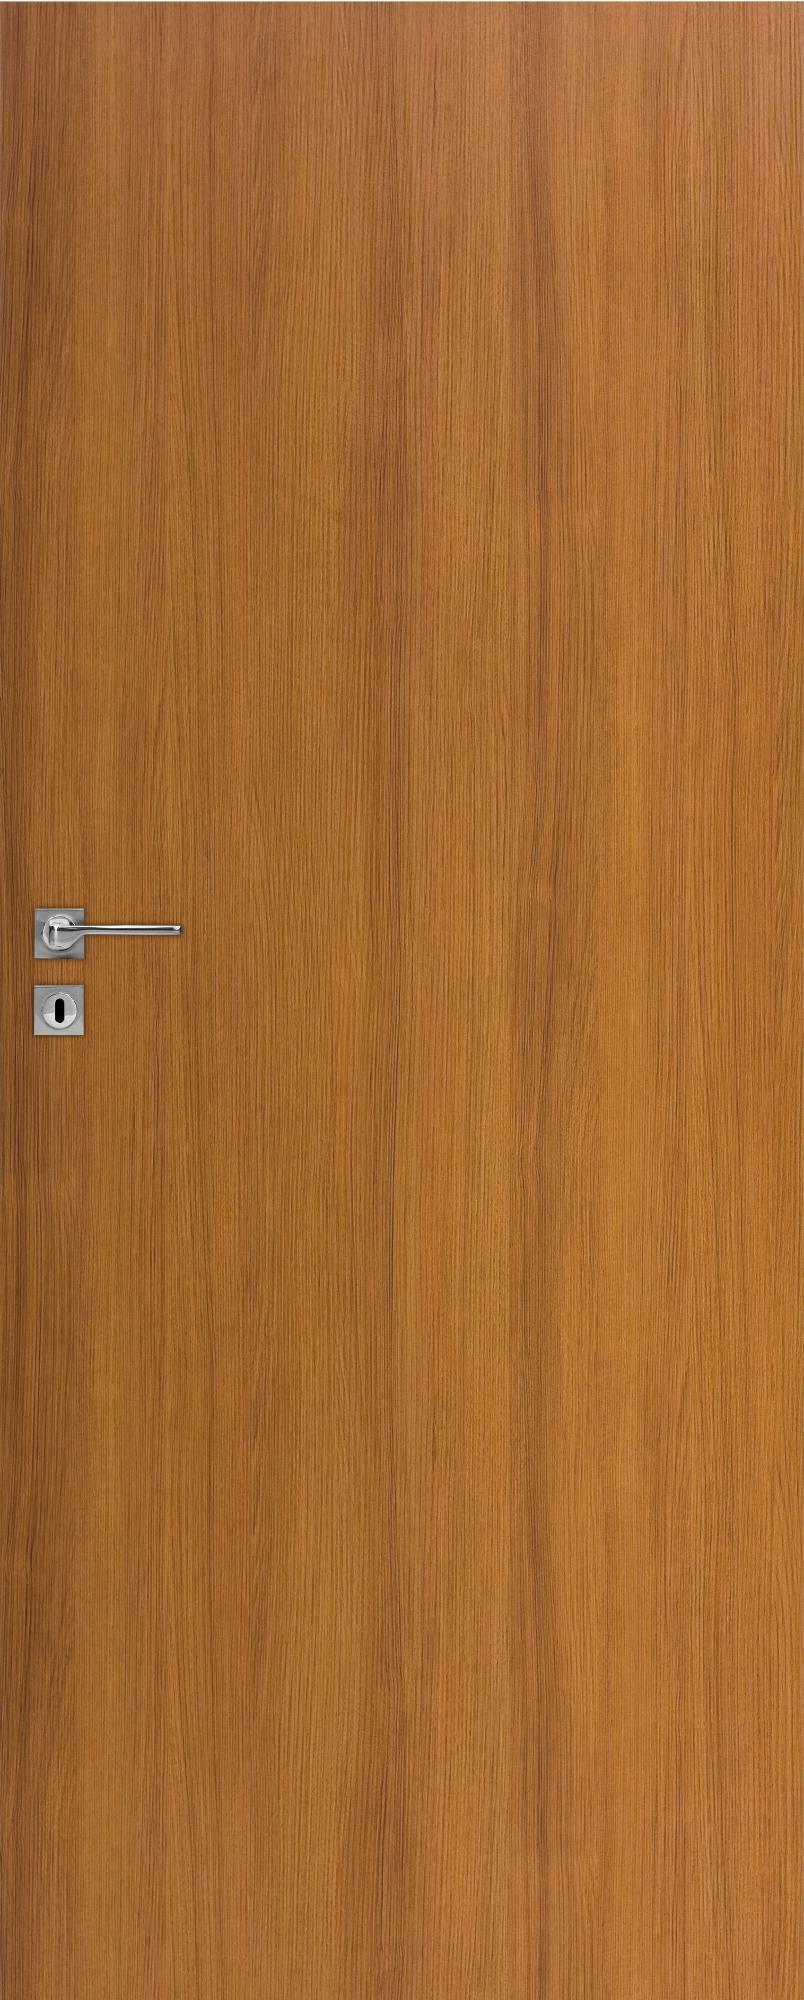 Interiérové dveře DRE Standard 10 výška 211, 224